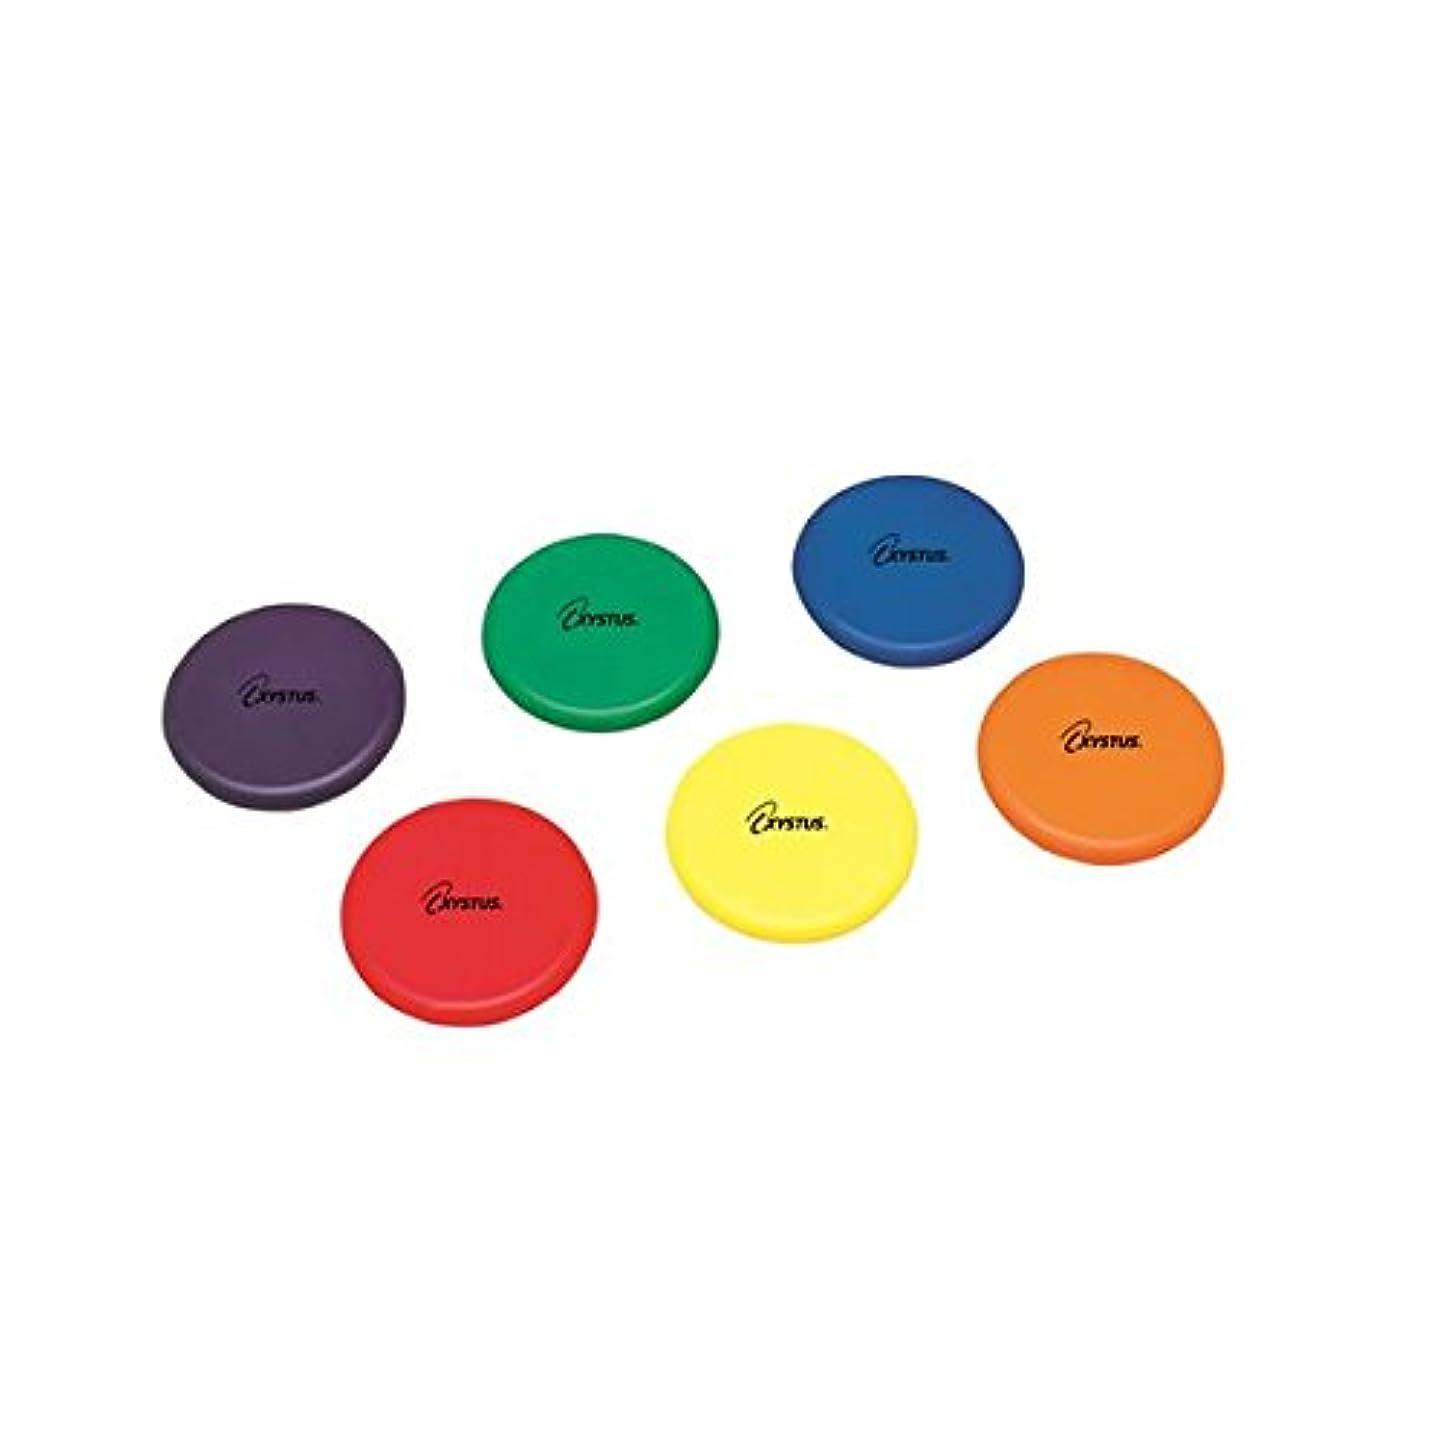 運命的な咳撃退するTOEI LIGHT(トーエイライト) ソフトフォームディスク B7995